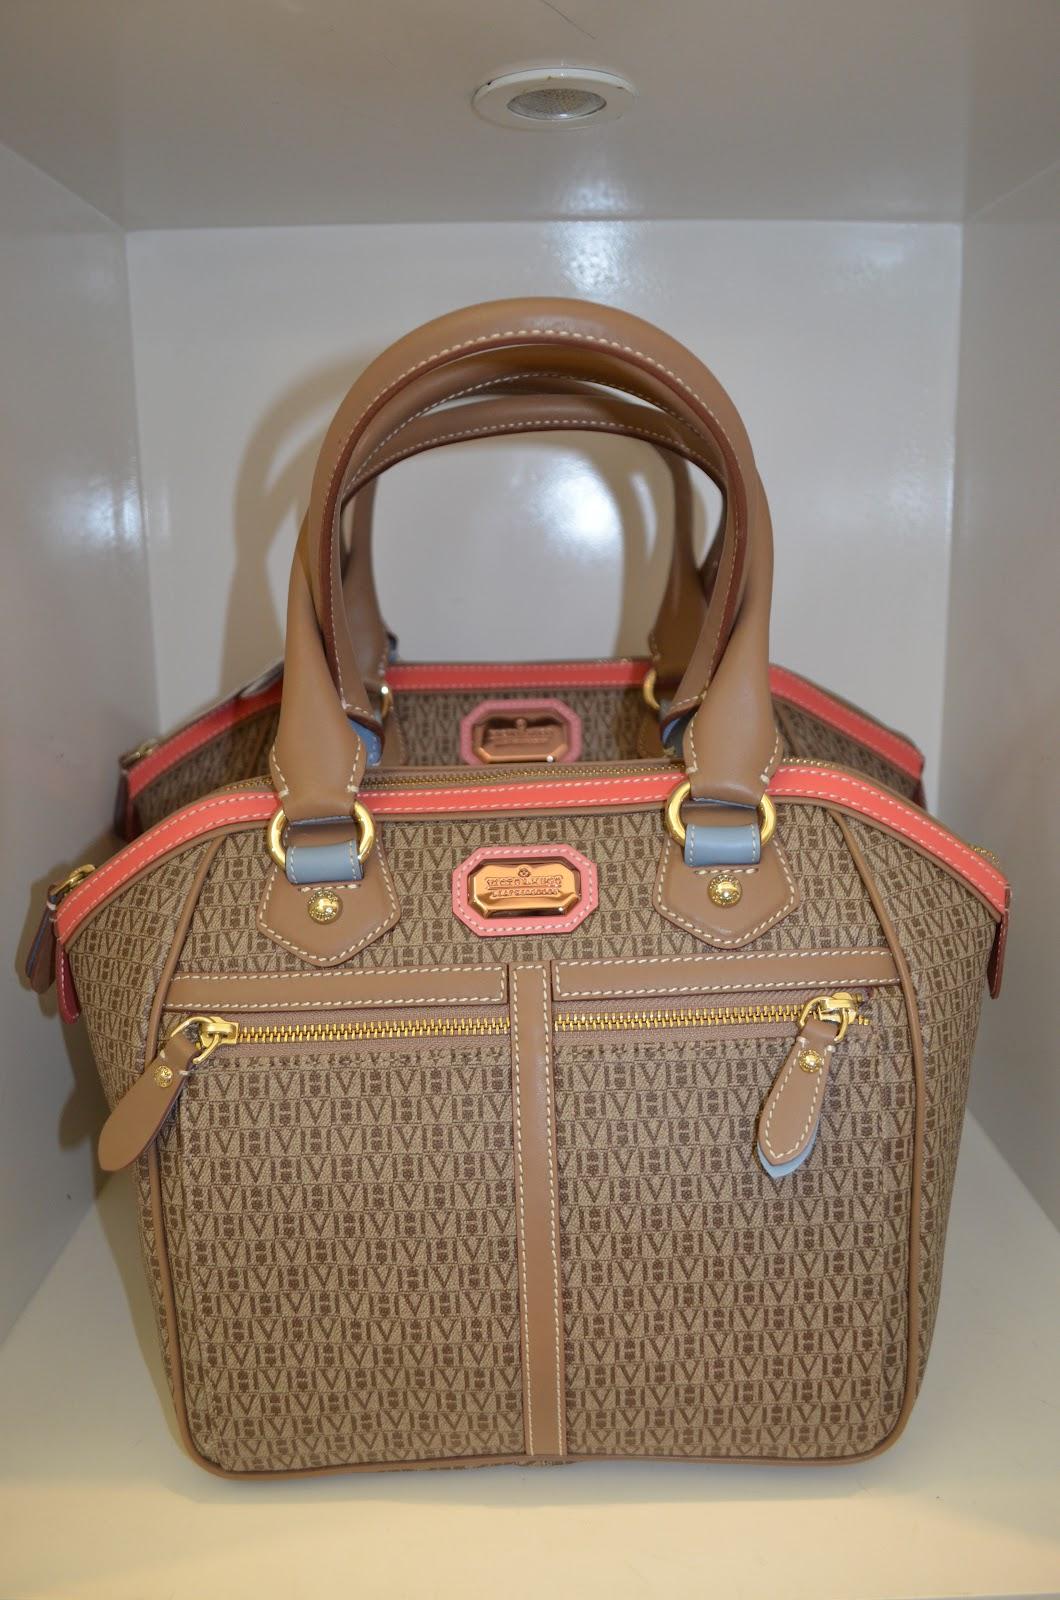 c37a3ec65b7e0 Esta é a palavra mais certeira para definer a Victor Hugo de bolsas e  acessórios que gera tanto desejo de consumo nas mulheres. Também lá lenços,  chaveiros, ...